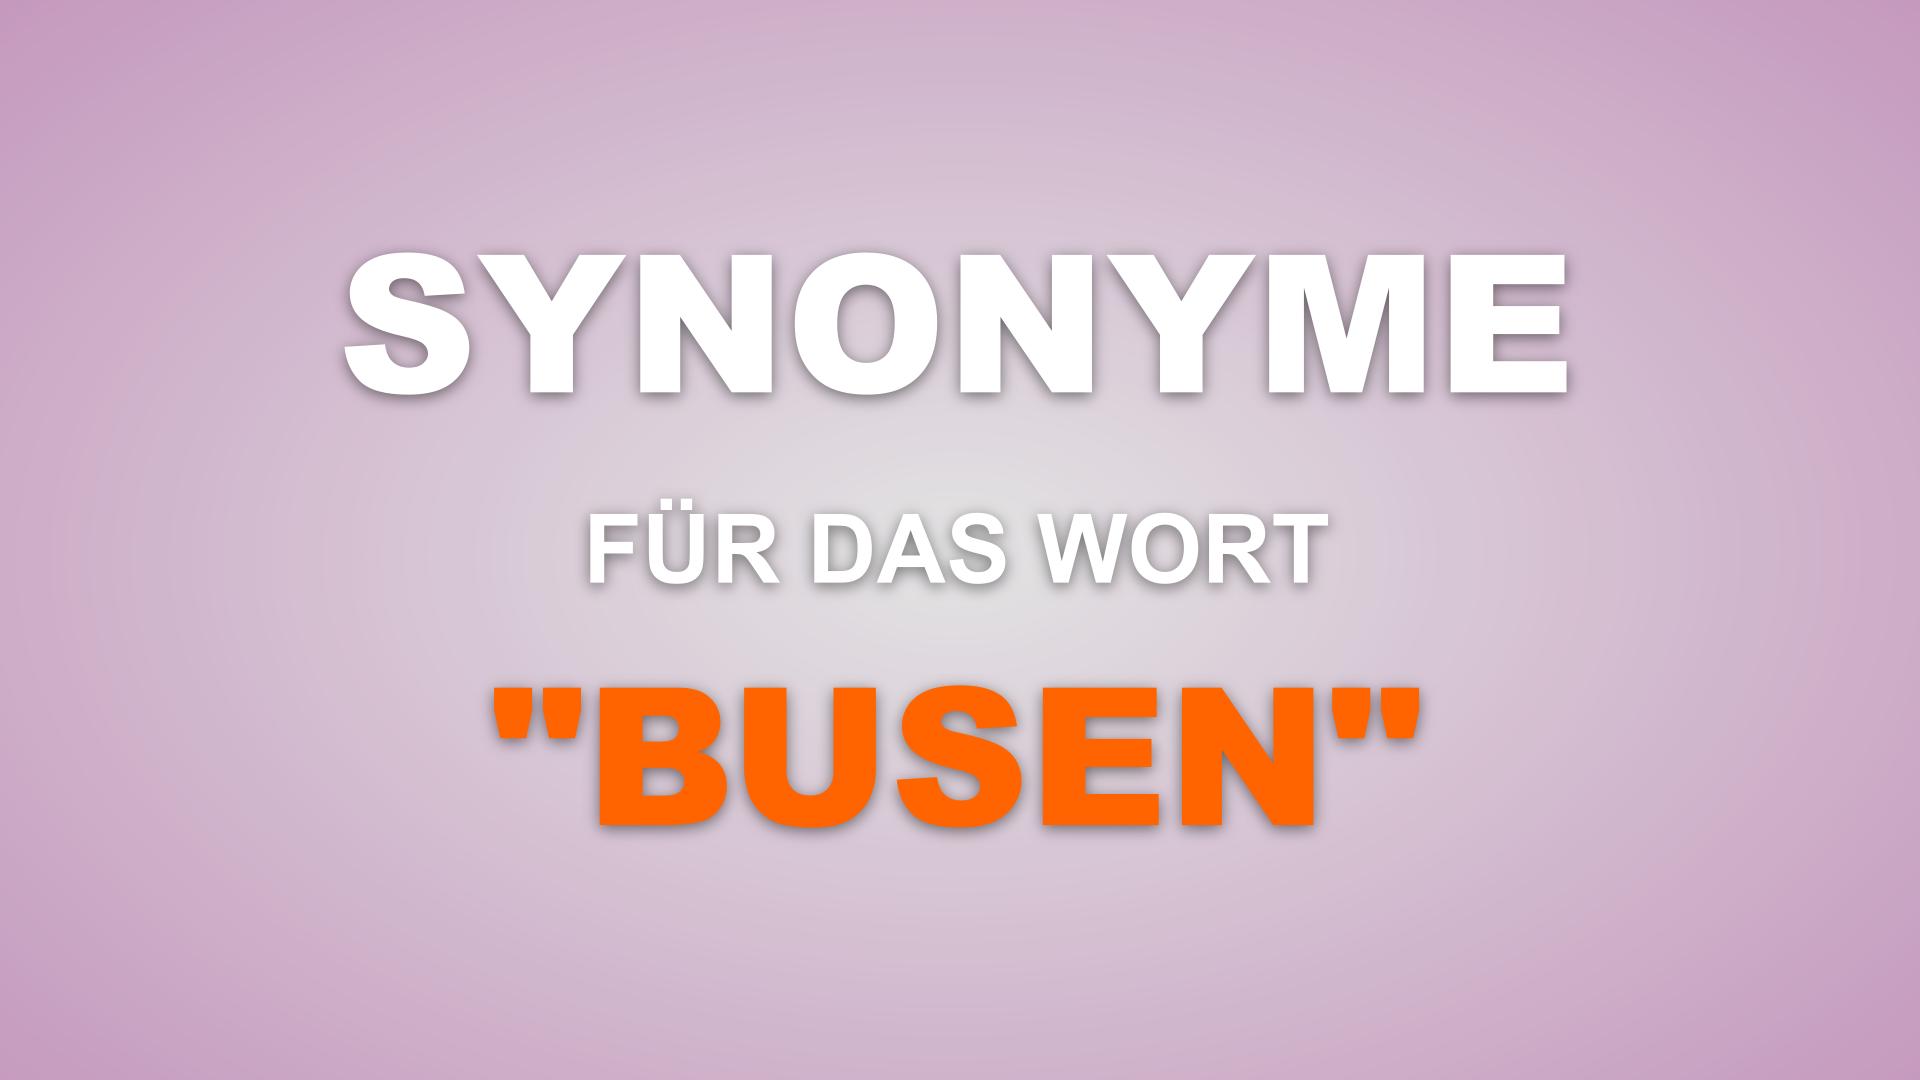 137 Synonyme für das Wort Busen